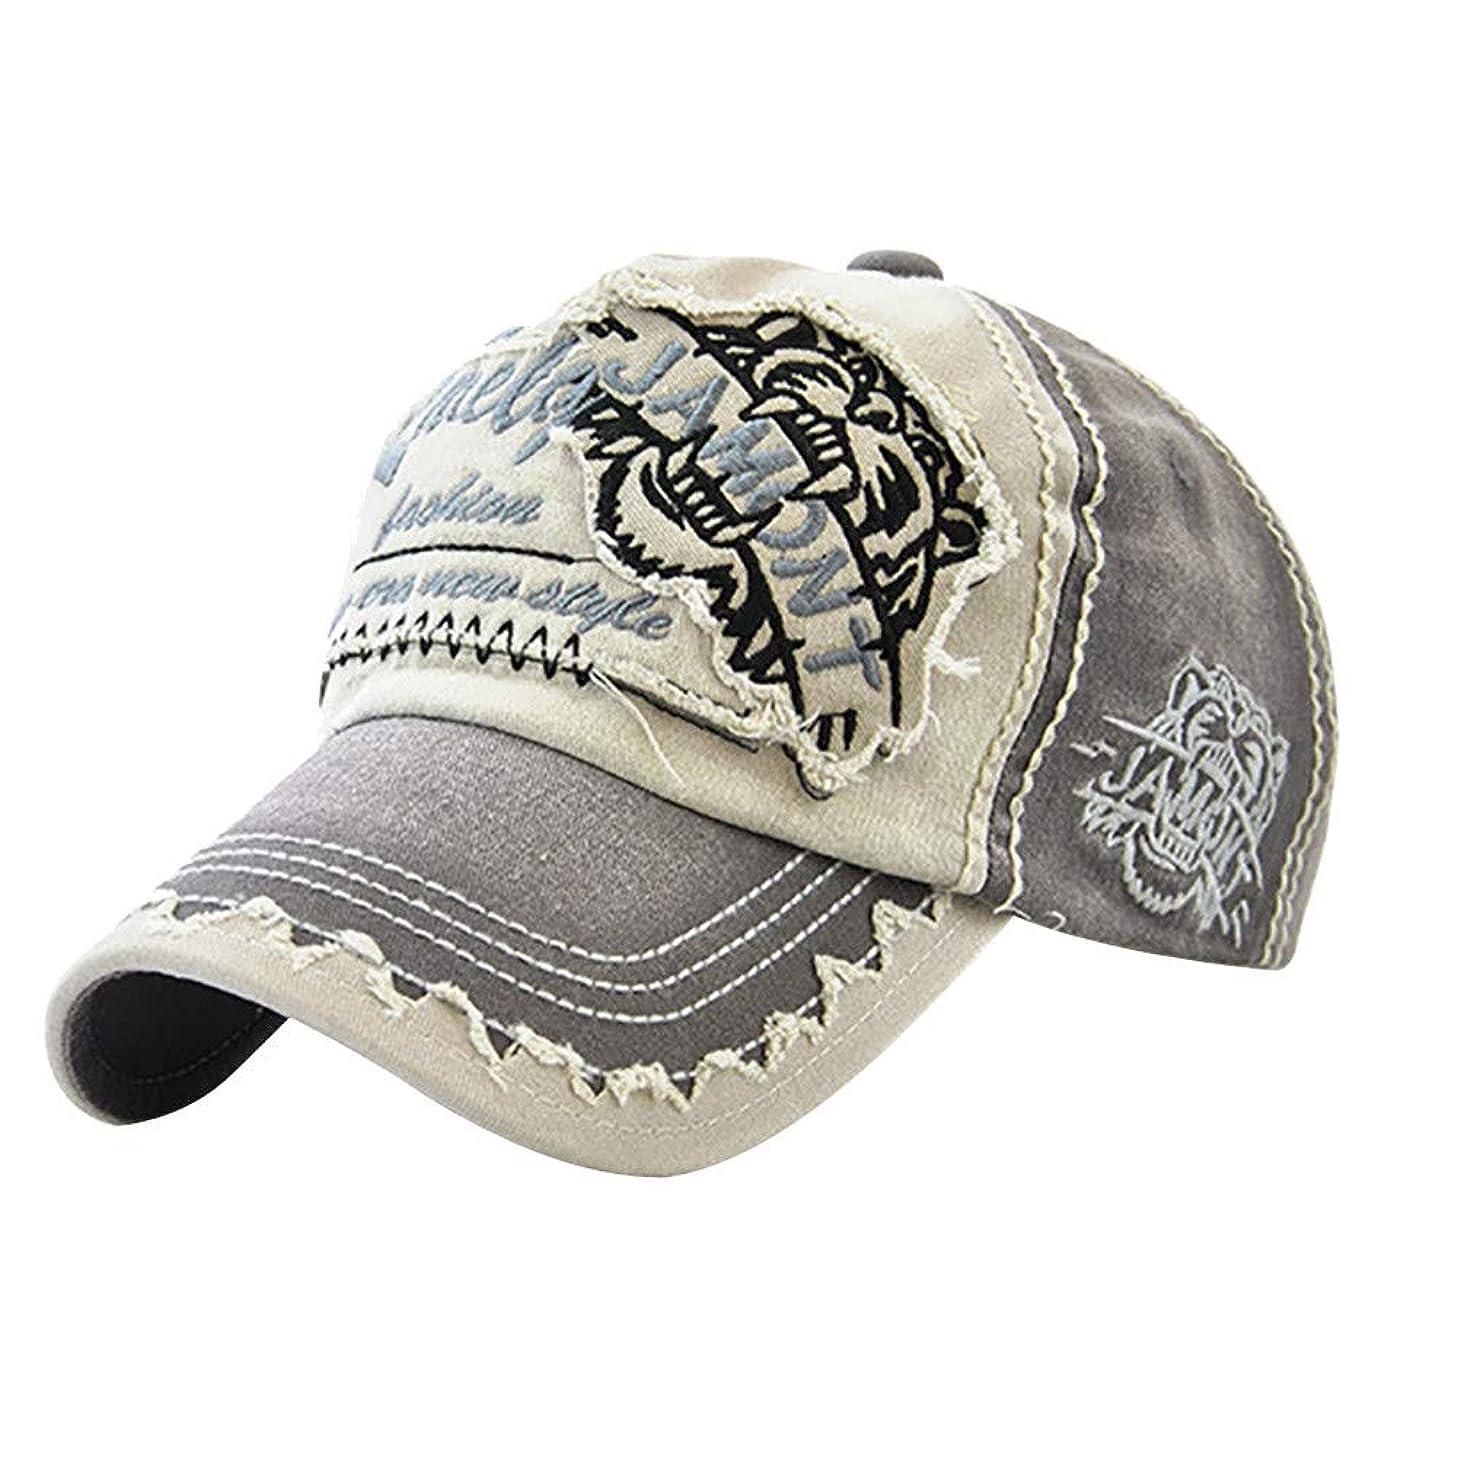 食用レタッチ夢Racazing パッチワーク 野球帽 ヒップホップ メンズ 夏 登山 帽子メッシュ 可調整可能 プラスベルベット 棒球帽 UV 帽子 軽量 屋外 Unisex 鸭舌帽 Hat Cap